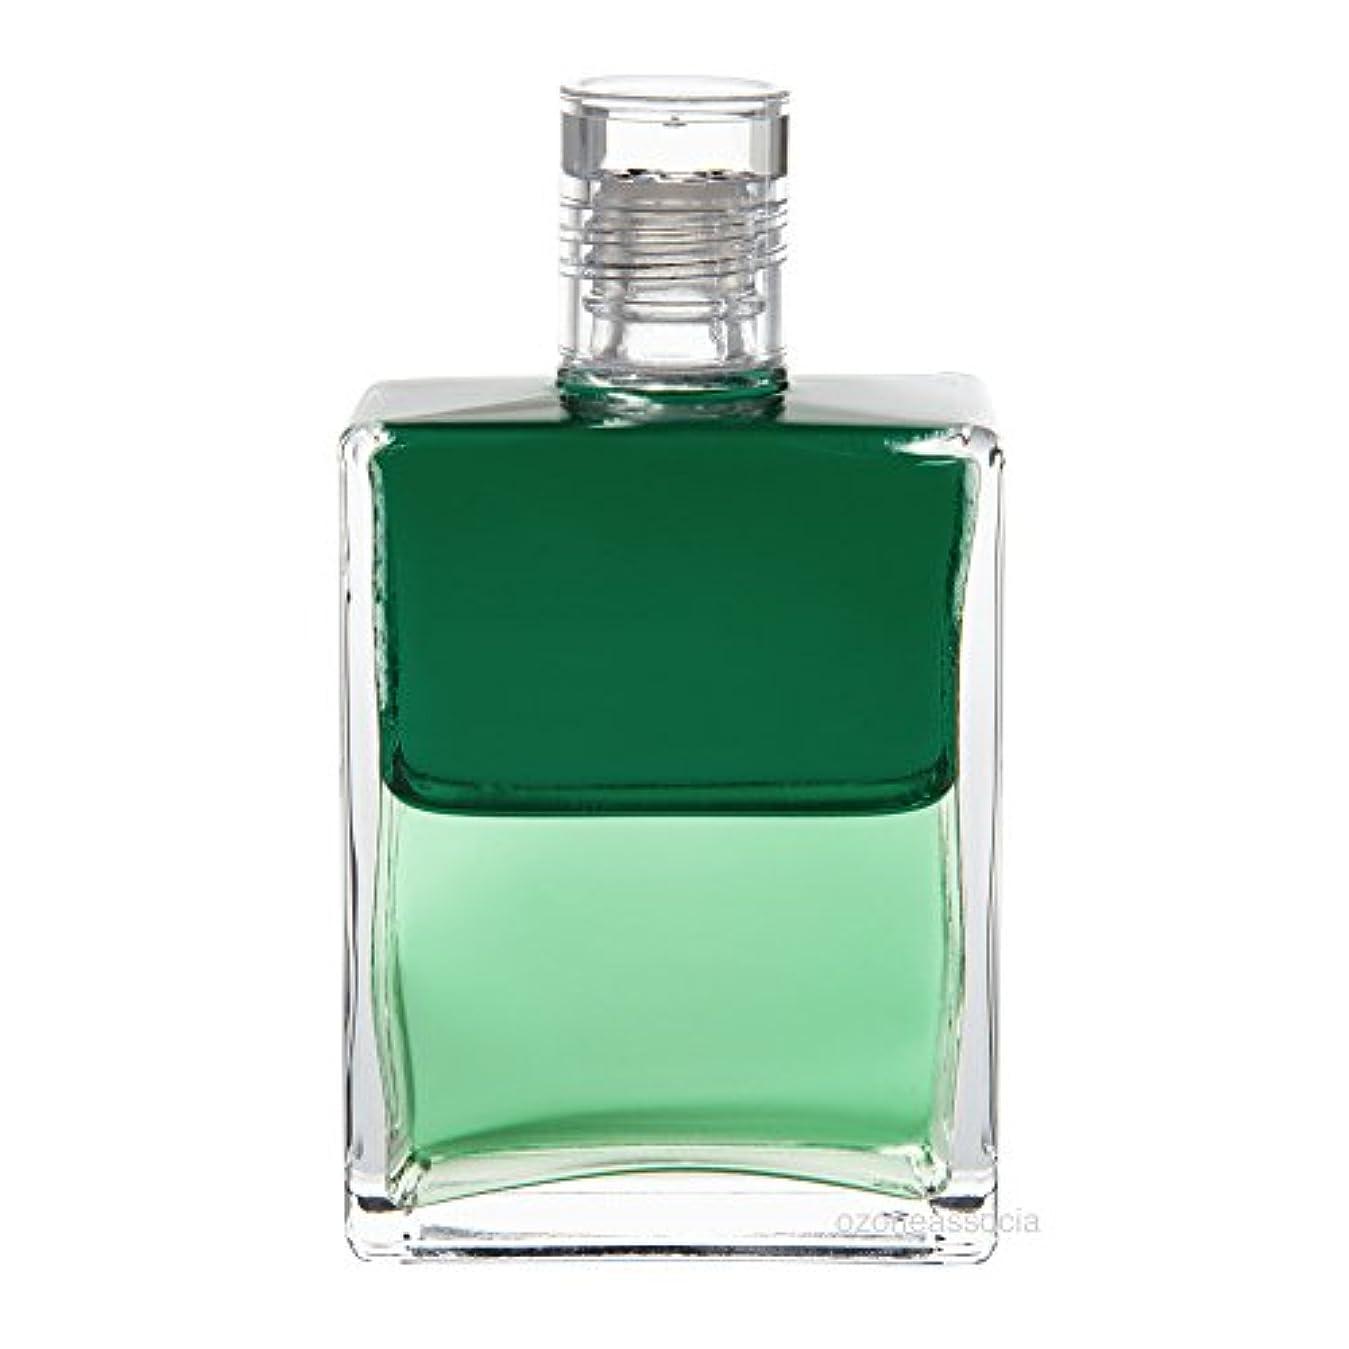 不正直歯提唱するオーラソーマ ボトル 63番  ジュワルクール&ヒラリオン (エメラルドグリーン/ペールグリーン) イクイリブリアムボトル50ml Aurasoma